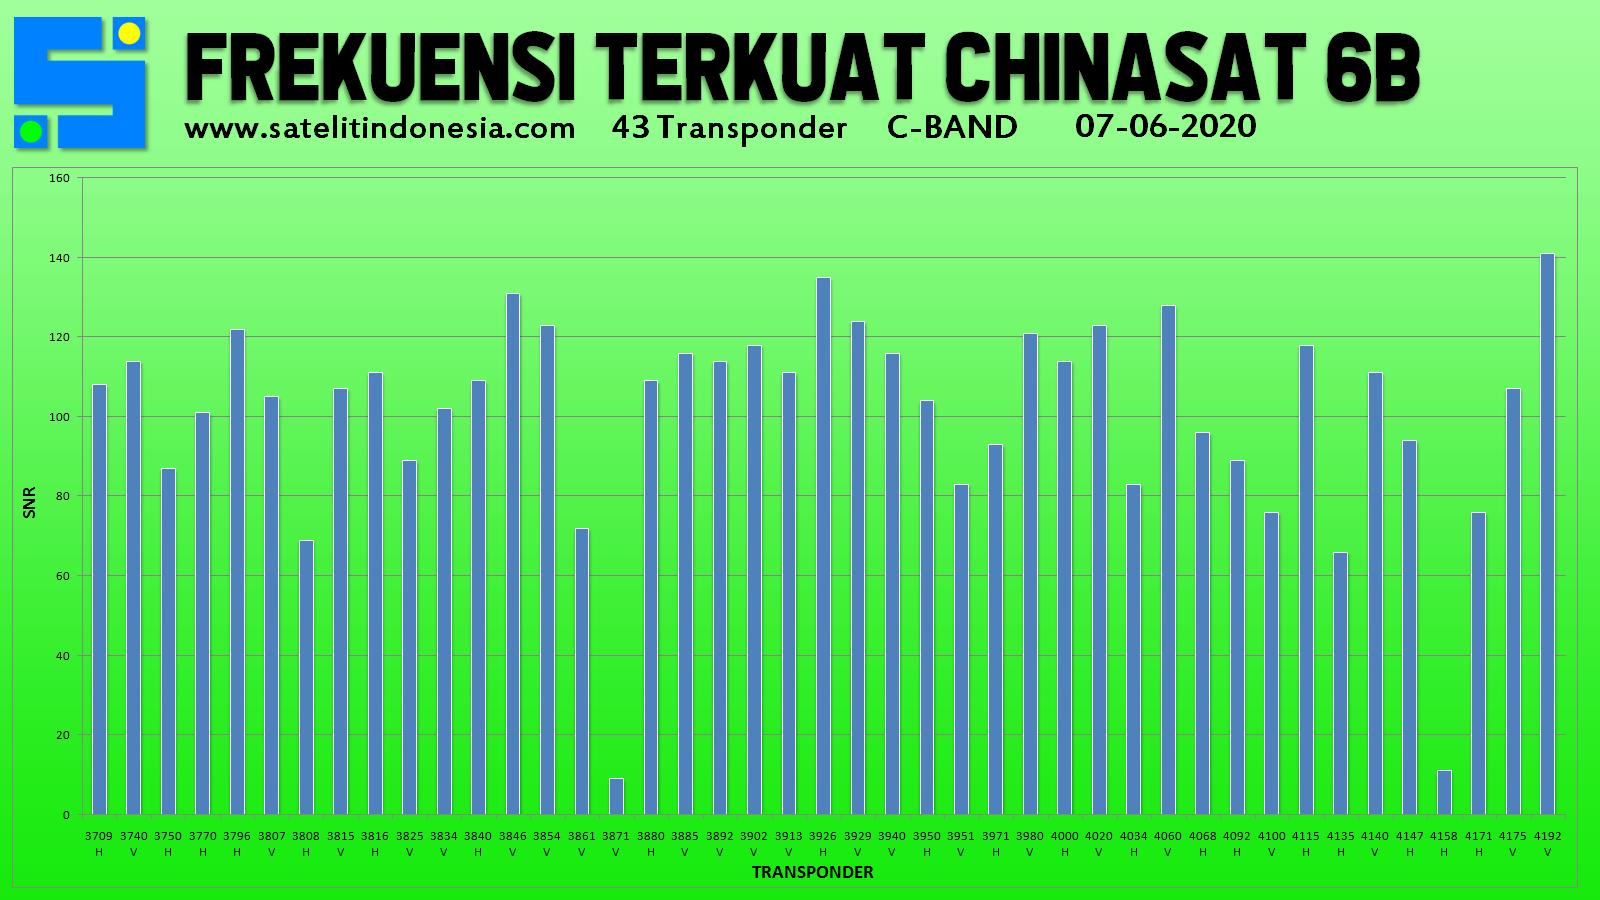 sinyal transponder terkuat satelit ChinaSat 6B